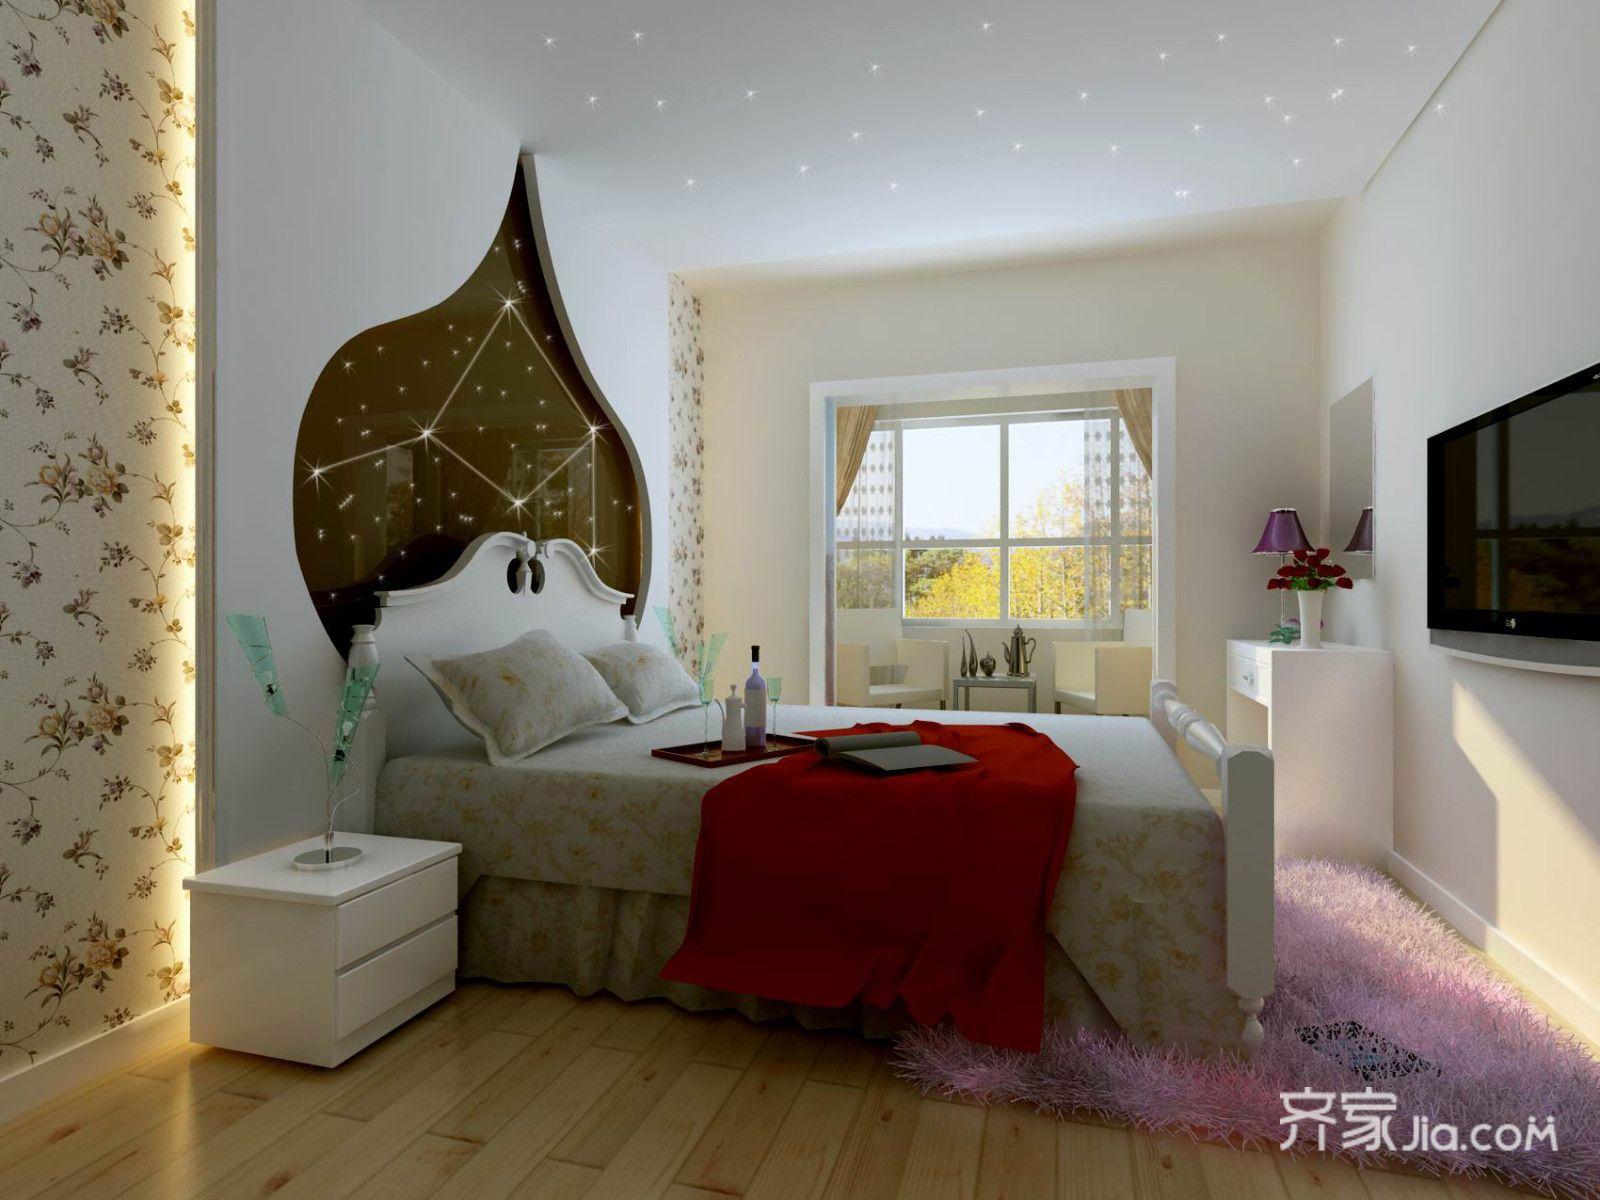 90平简约风格两居卧室装修效果图